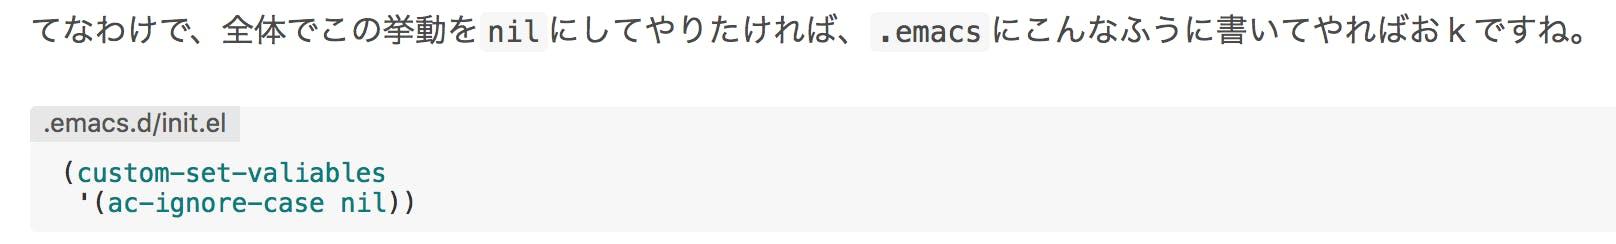 本文では`.emacs`と、コードブロックのファイル名には`.emacs.d/init.el`と書いてある